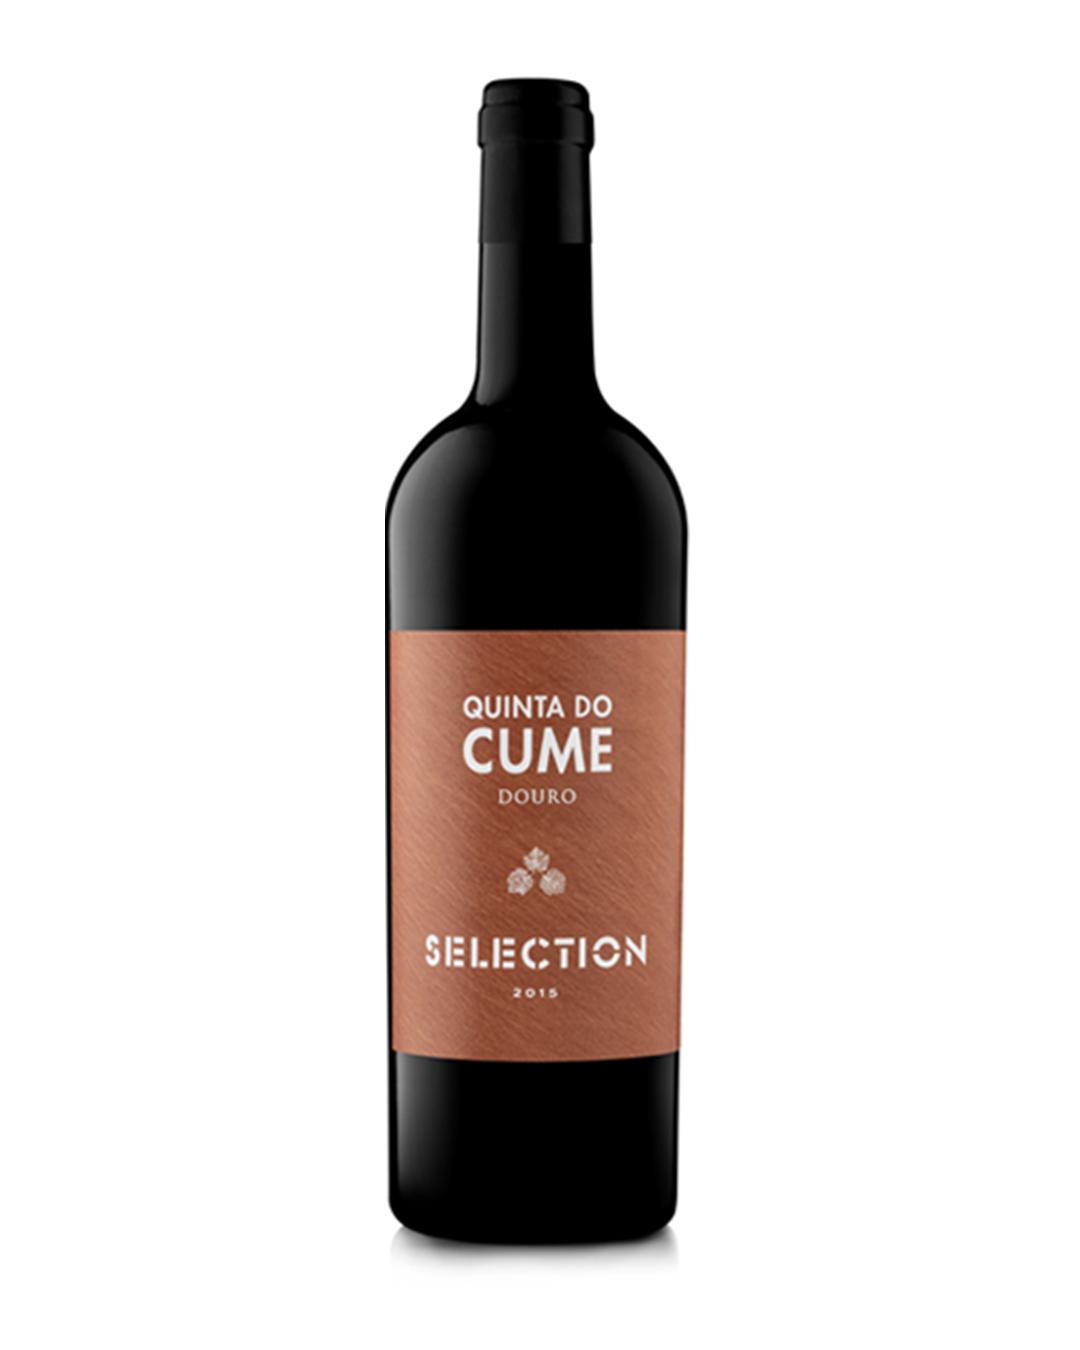 Quinta do Cume Selection 2015